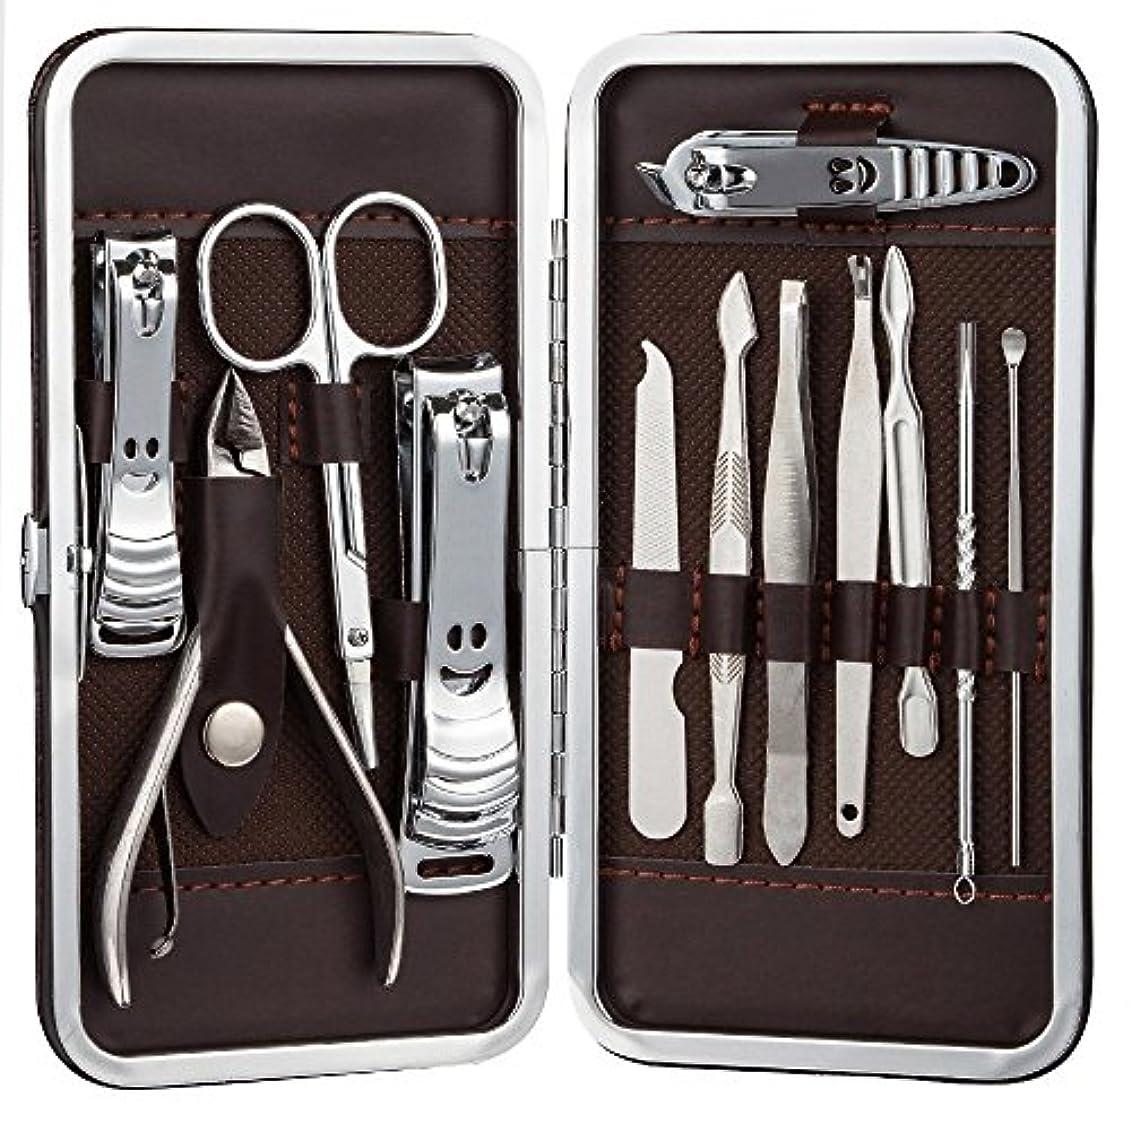 区別する報酬礼儀STARTRIP ネイルはさみネイルクリッパートラベルセット、プロフェッショナルステンレスネイルケアセットベビーセーフネイルクリッパーパーソナルマニキュアセットペディキュアセットは、男性と女性のための指、手足で使用爪切り